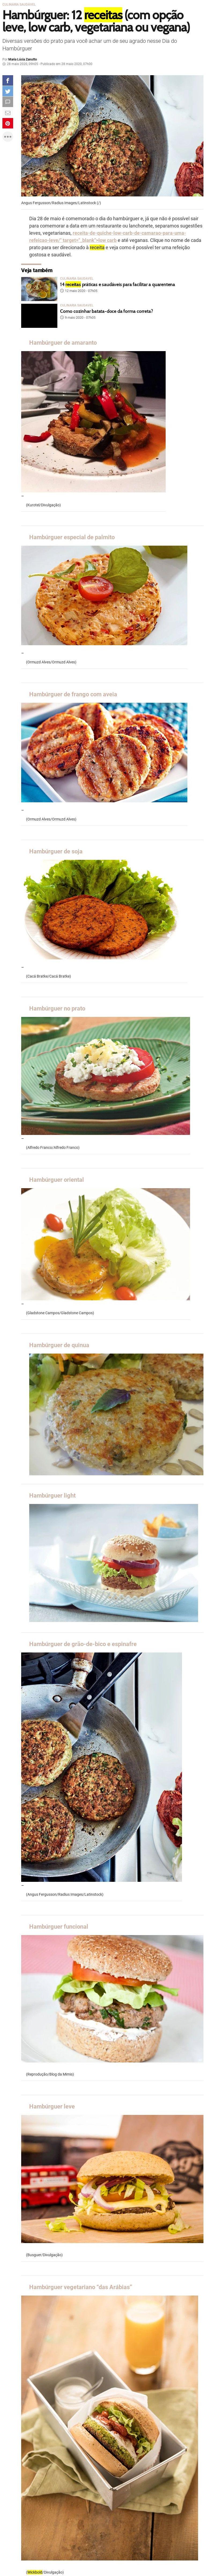 Hambúrguer: 12 receitas (com opção leve, low carb, vegetariana ou vegana) - Boa Forma